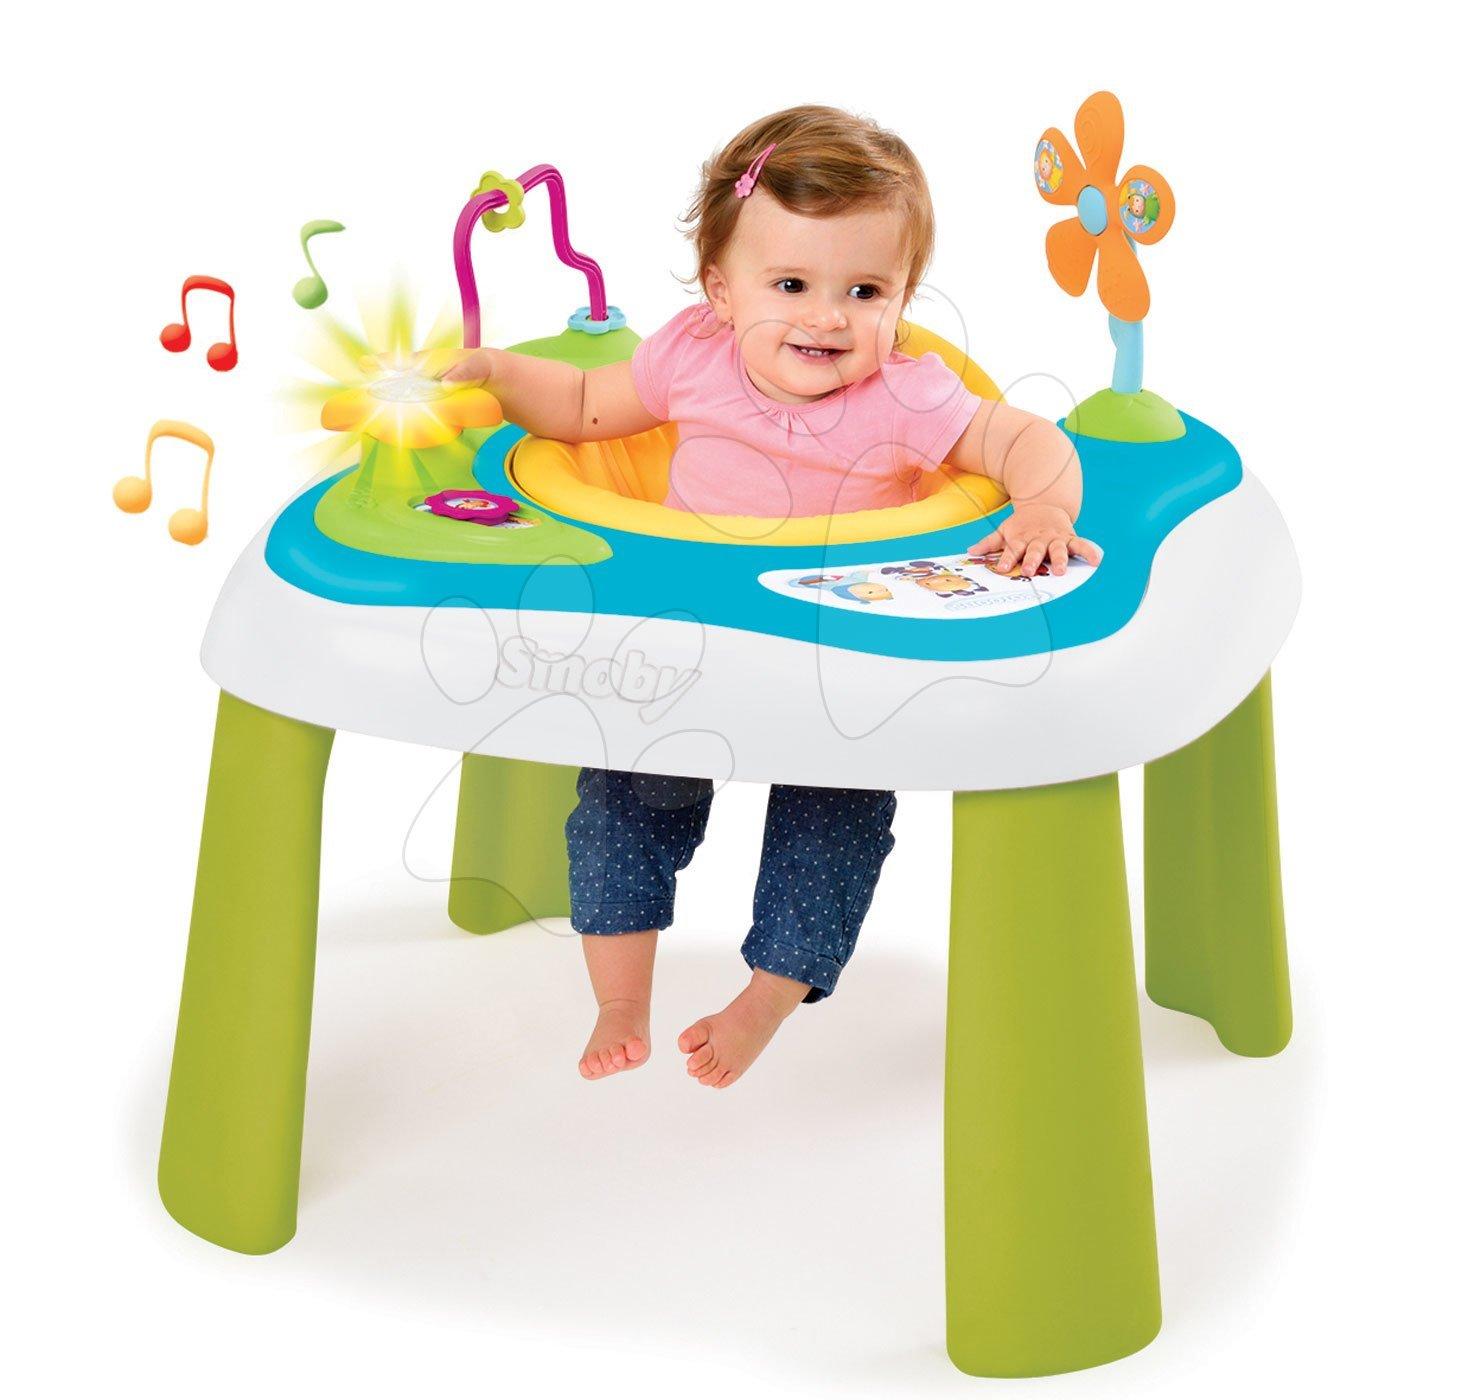 Hračky pro miminka - Didaktický stolek Youpi Baby Smoby elektronický se zvukem a světlem od 6 měsíců